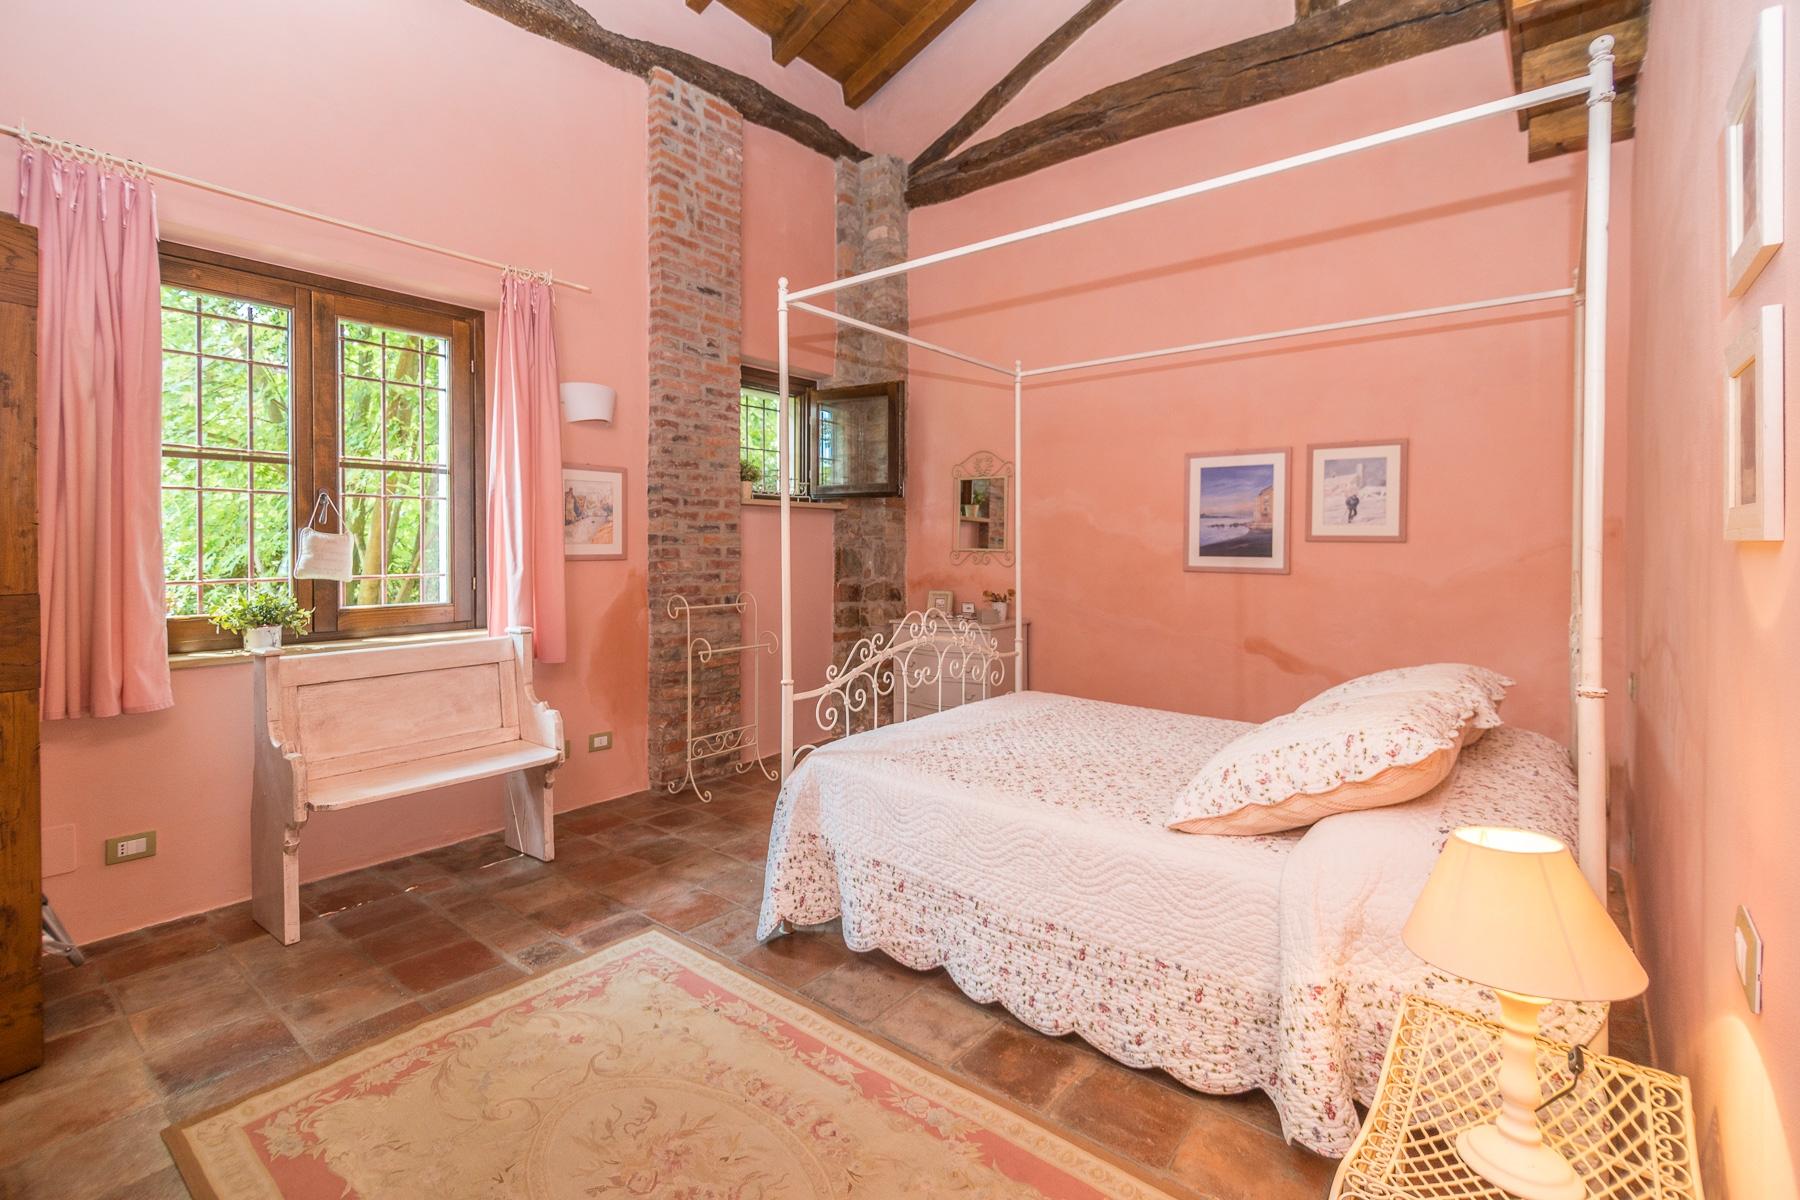 Casa indipendente in Vendita a Ziano Piacentino: 5 locali, 260 mq - Foto 13